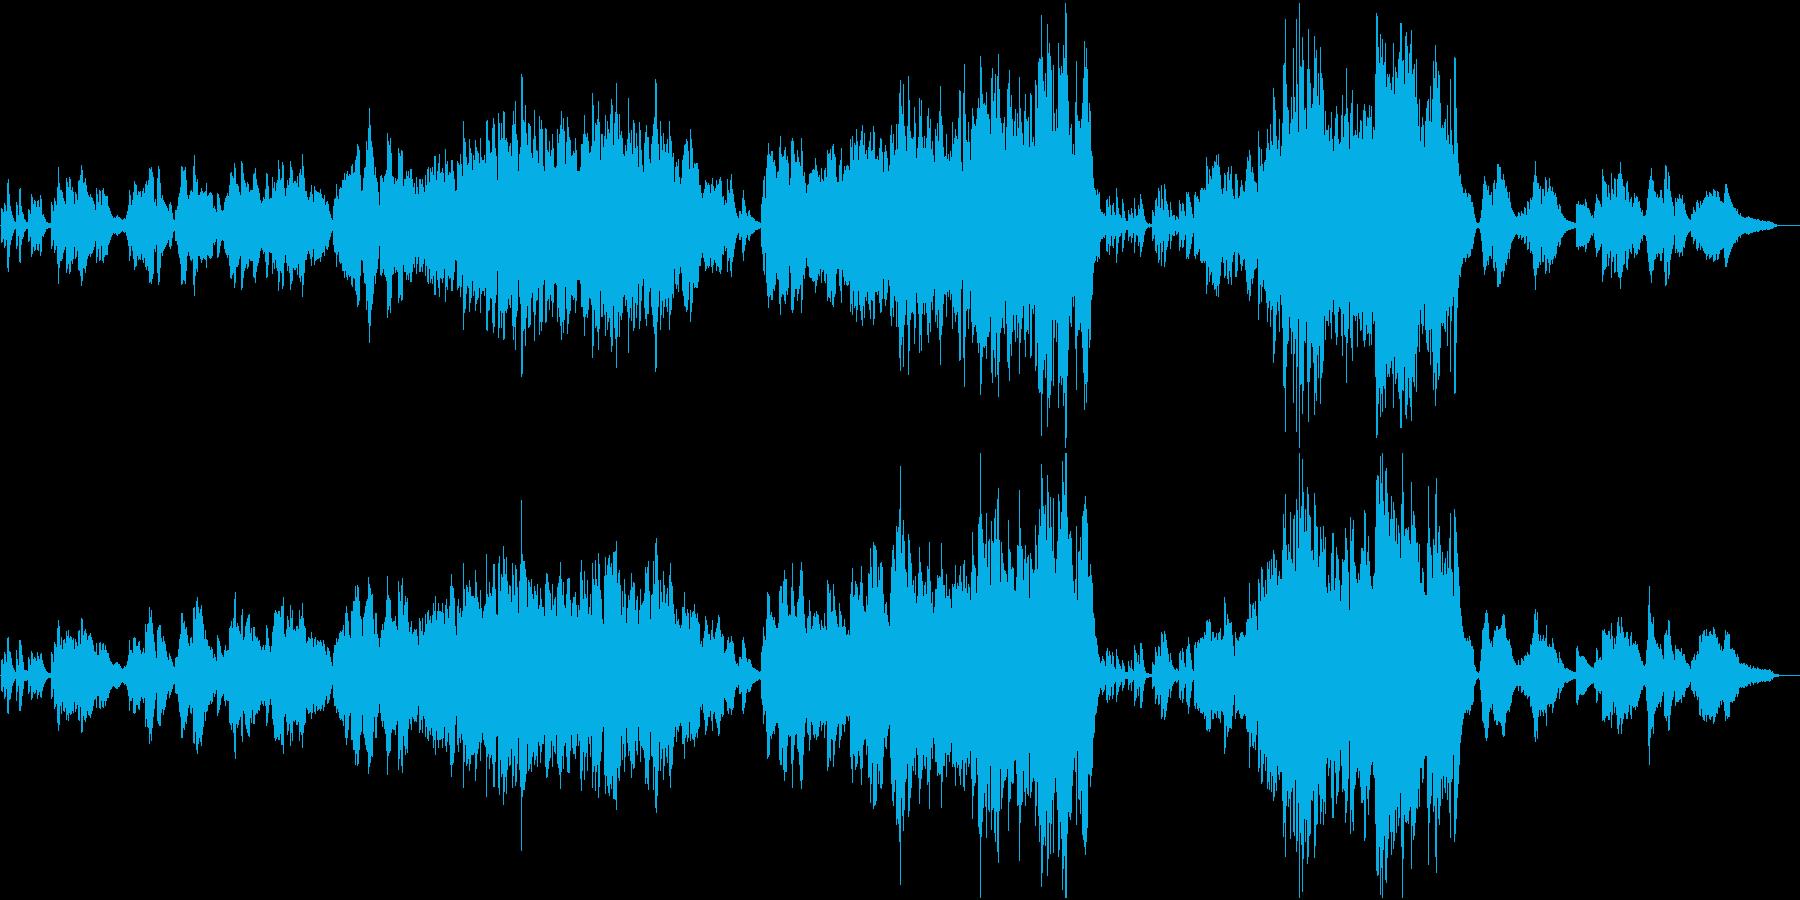 温かさ切なさ感動的なクラシカルバラードの再生済みの波形